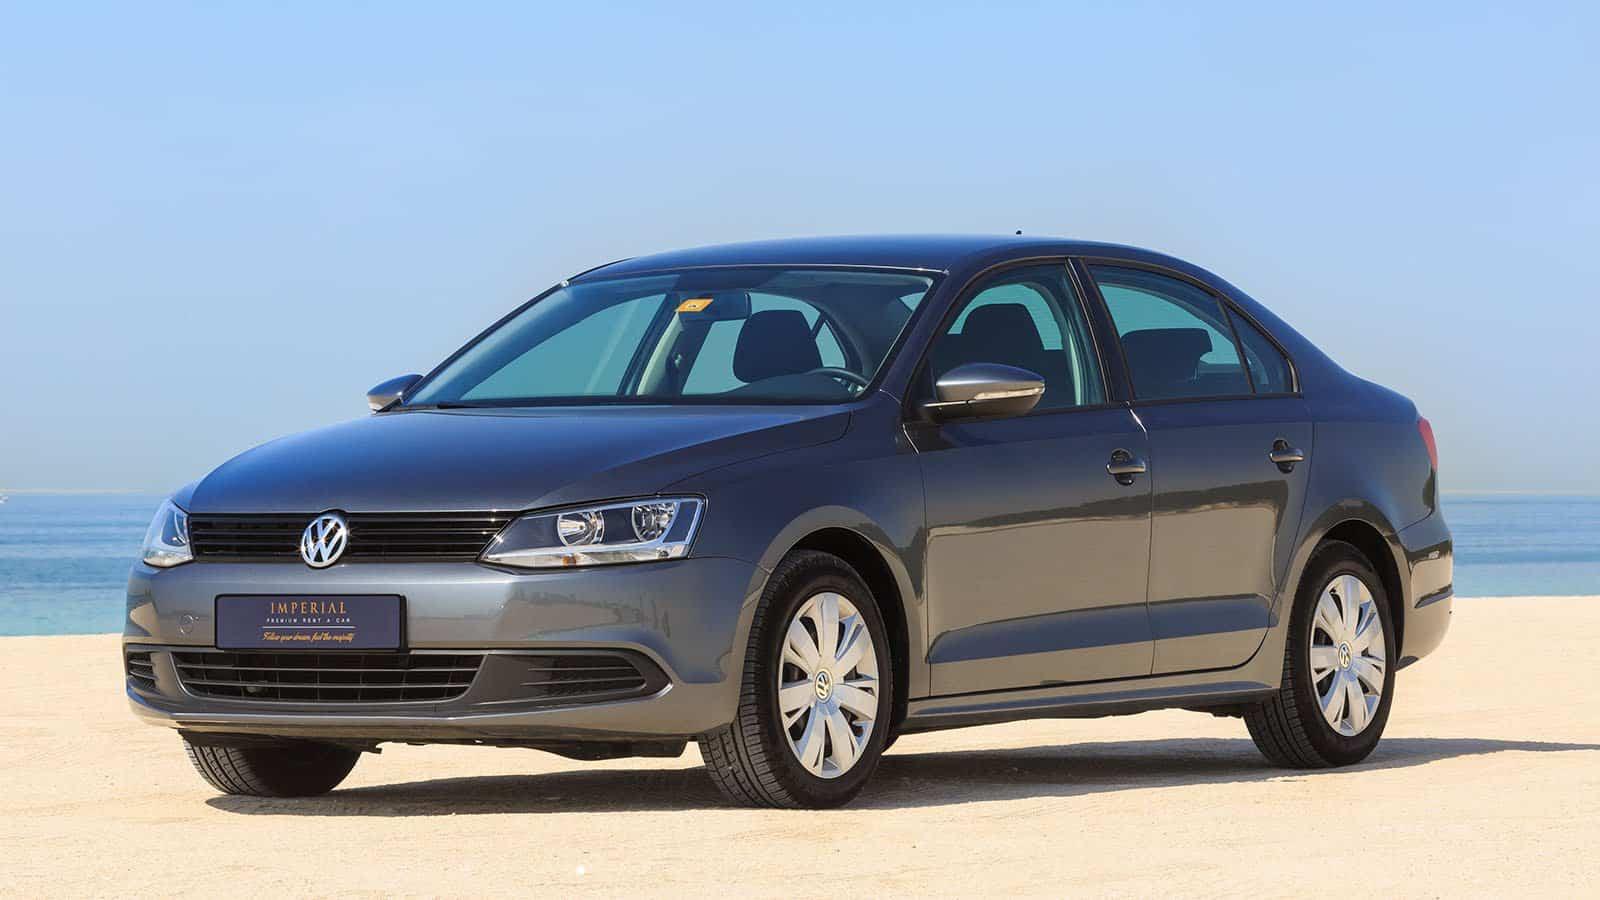 Volkswagen Jetta Rent Dubai | Imperial Premium Rent a Car